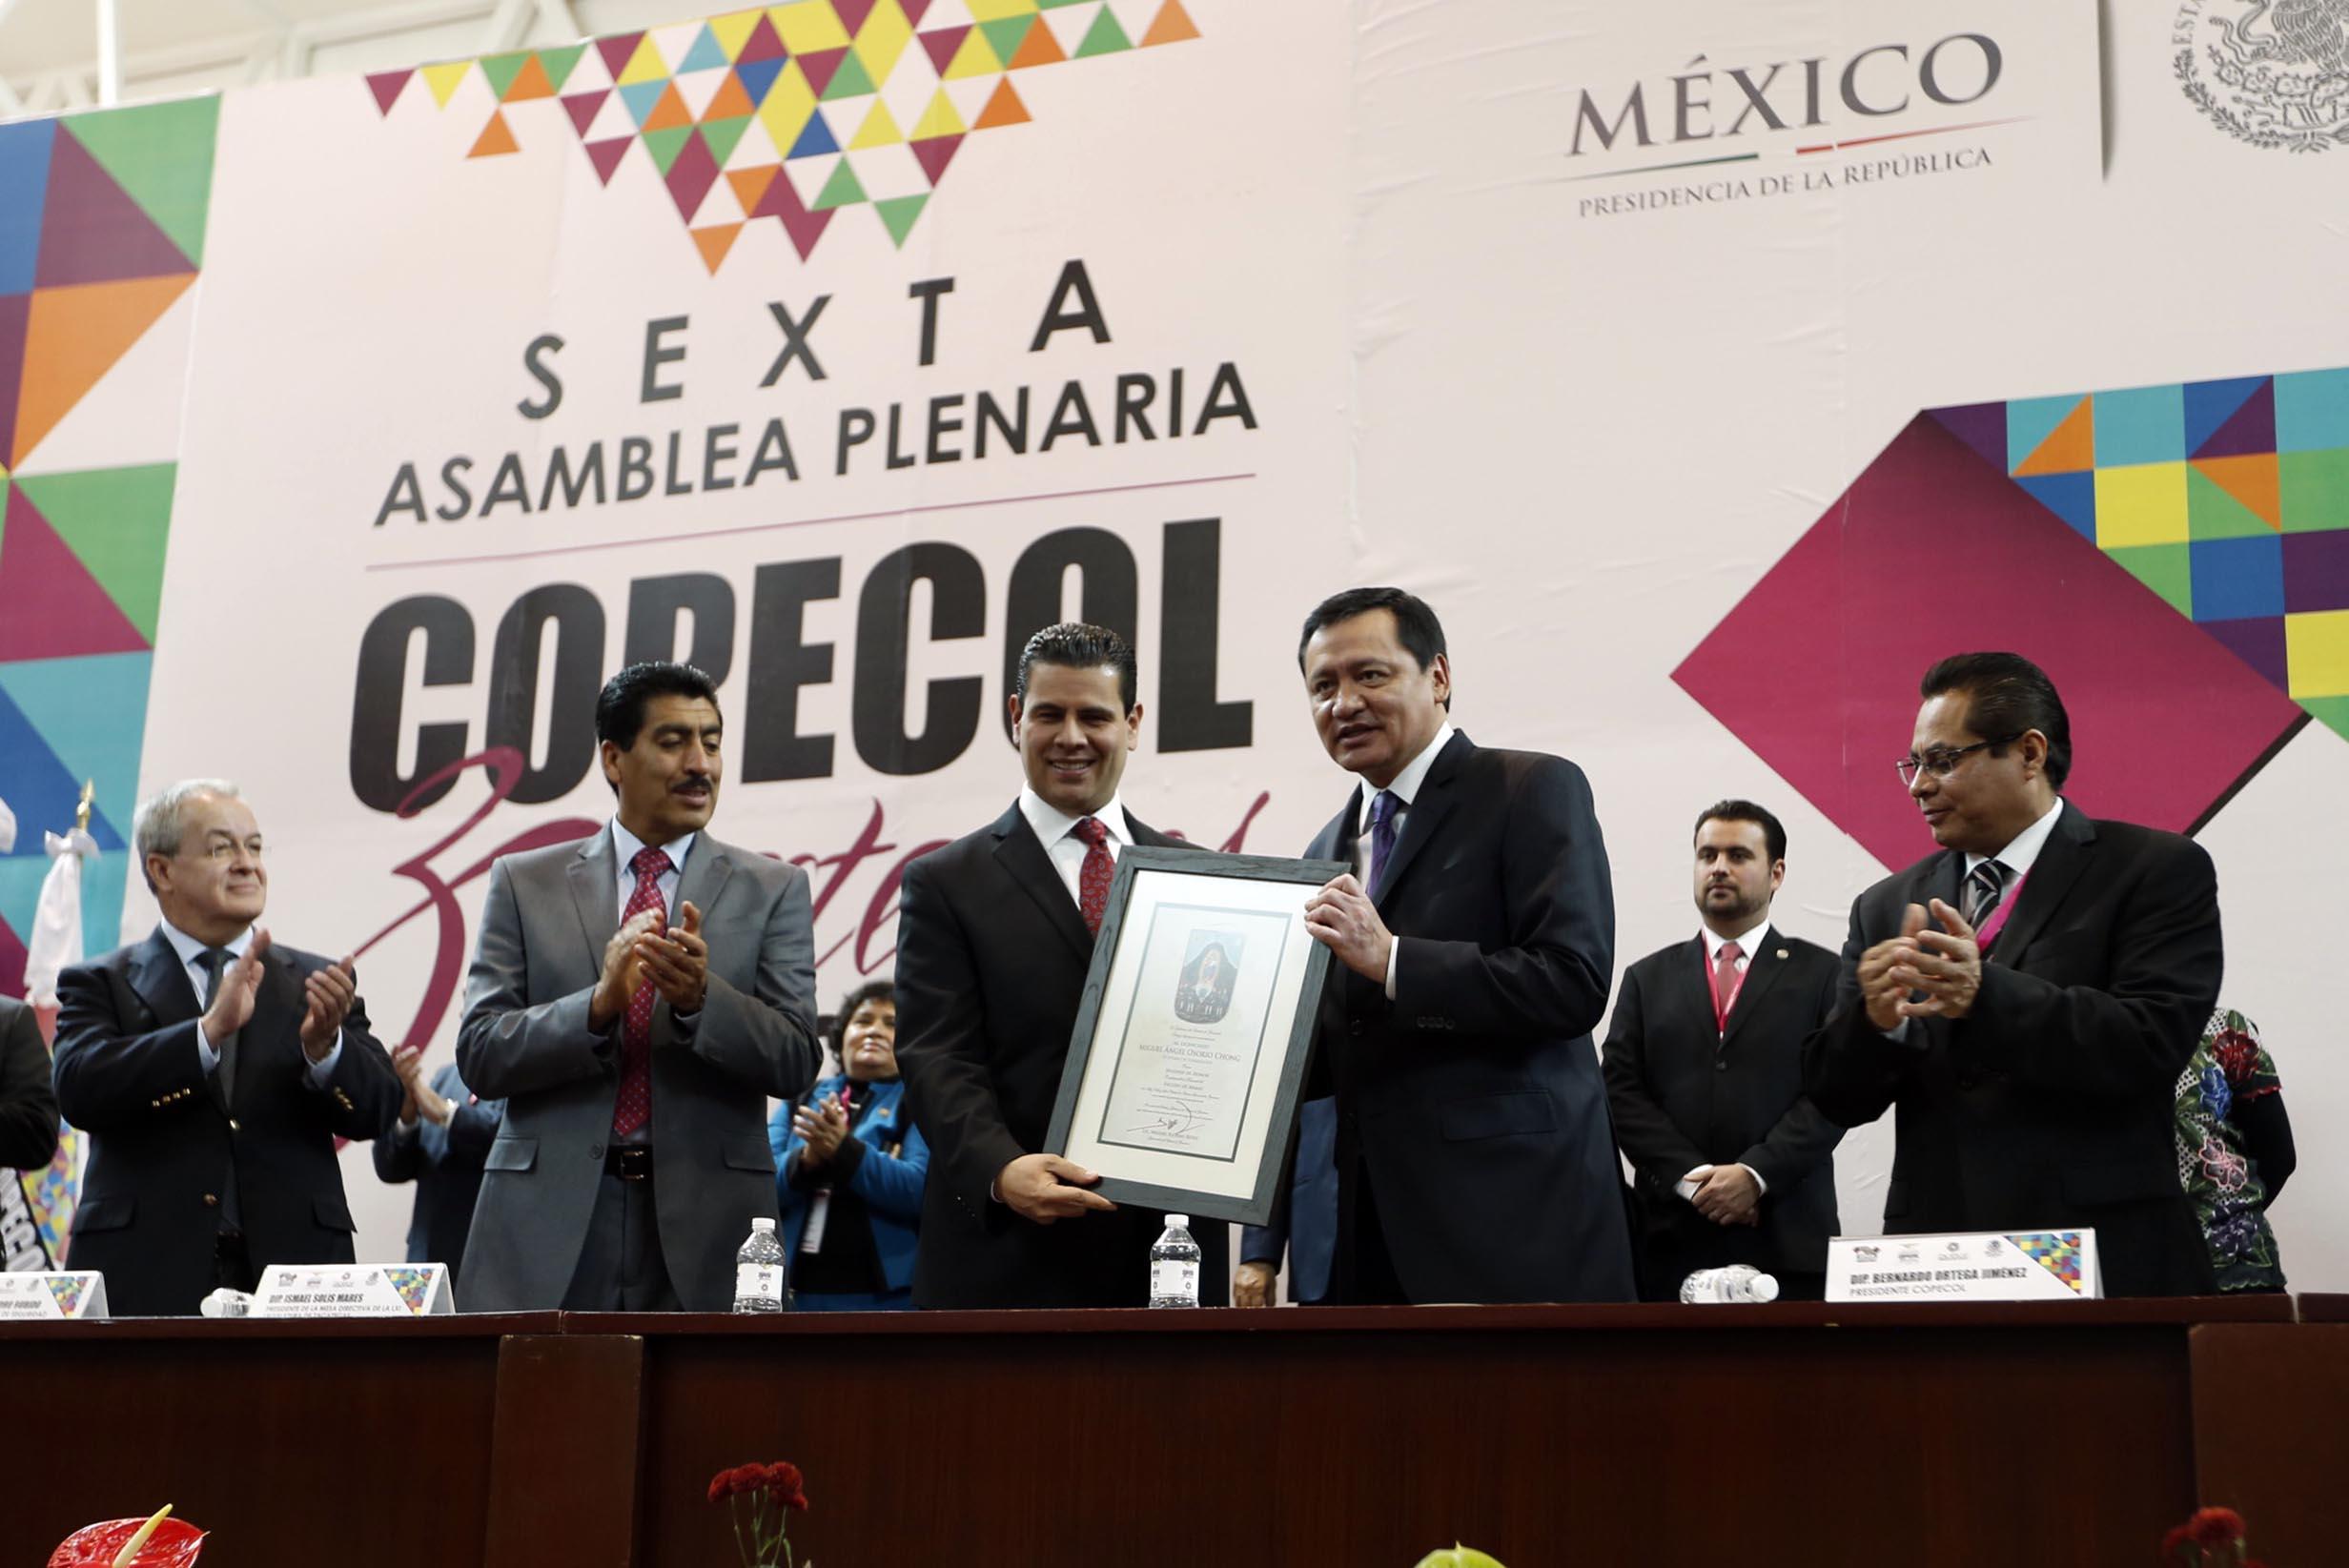 El Secretario de Gobernación, Miguel Ángel Osorio Chong, durante la Inauguración de la VI Asamblea Plenaria de la COPECOL realizada en Zacatecas